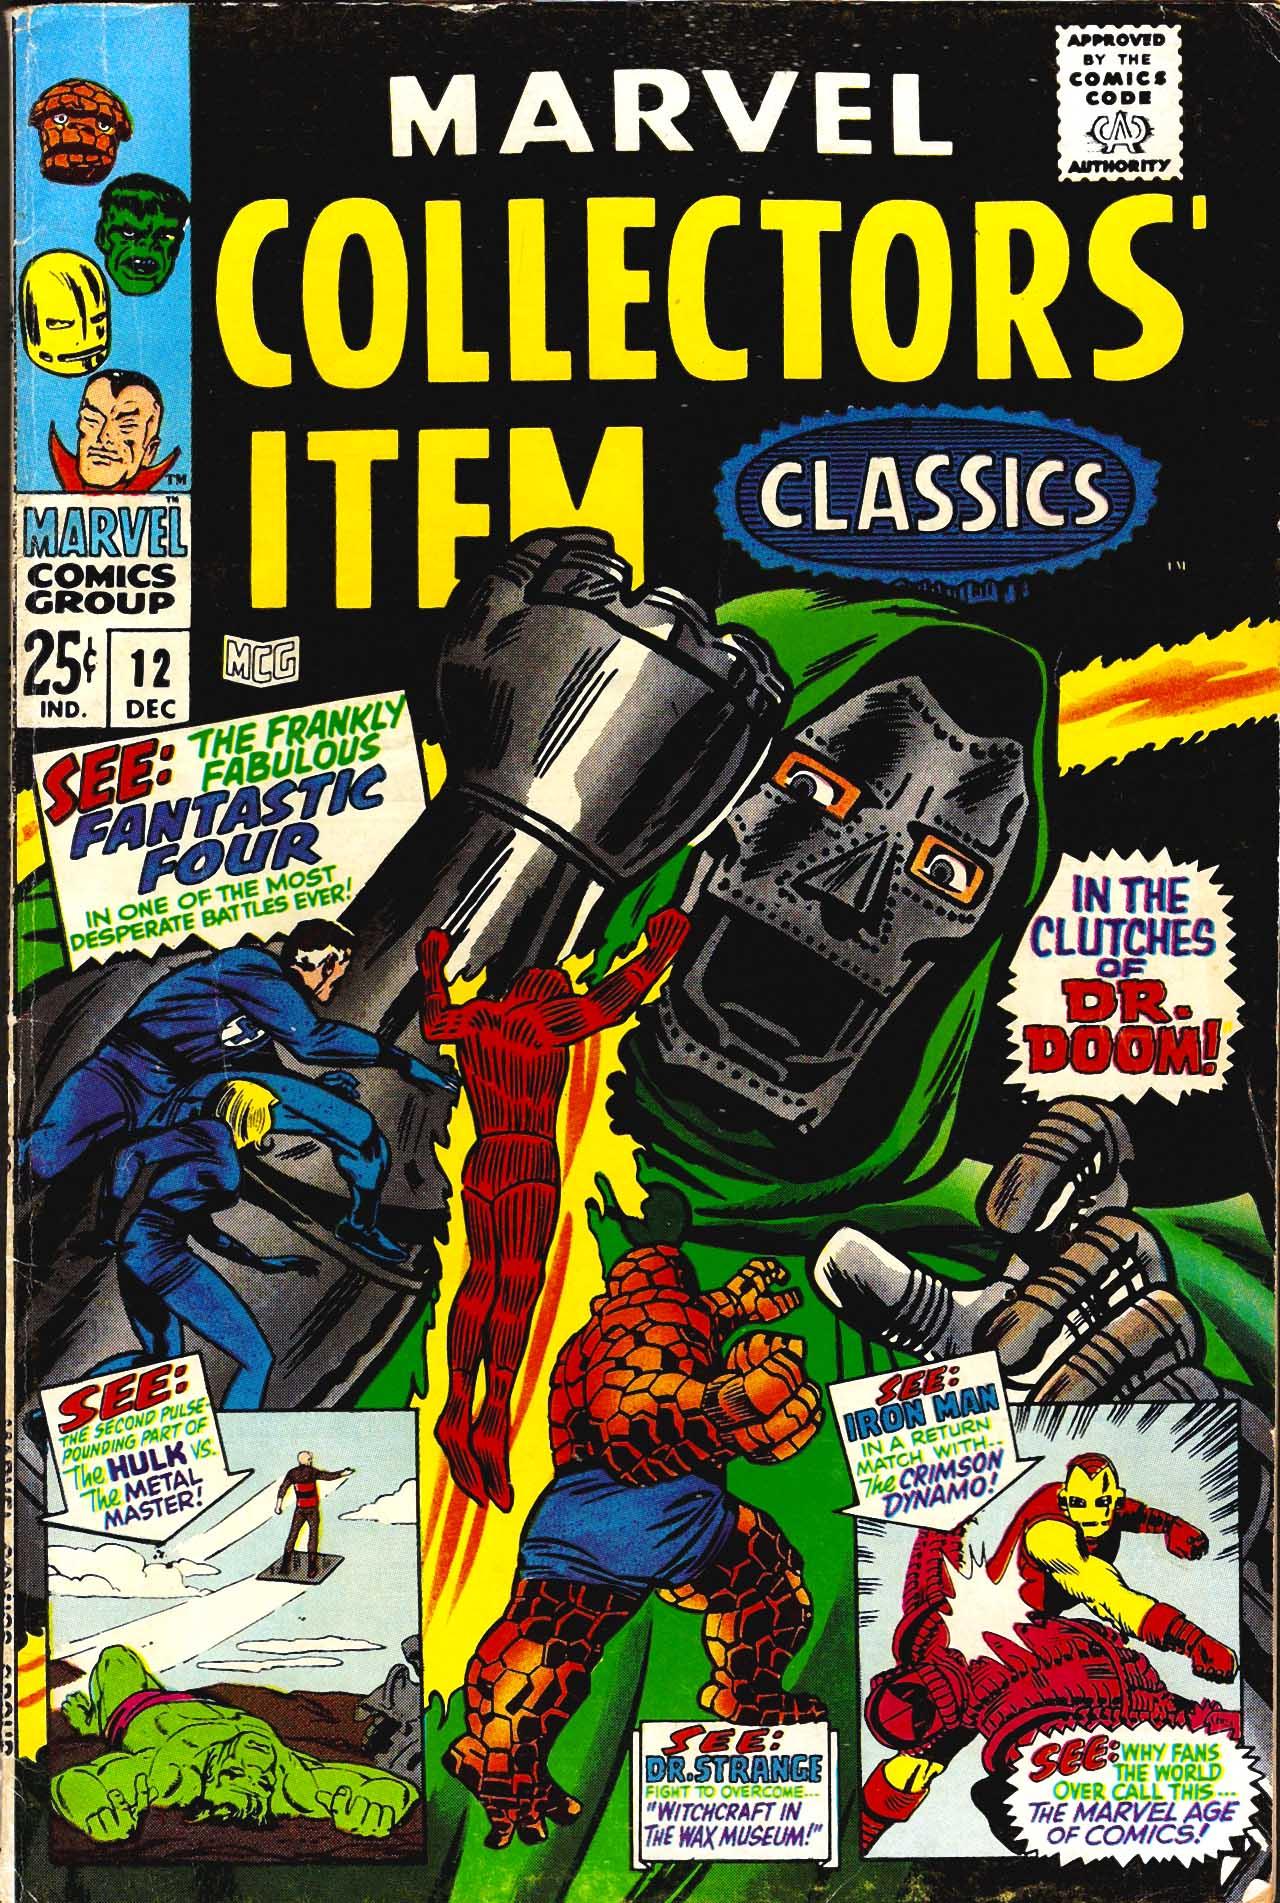 Marvel Collectors Item Classics 12 Page 1